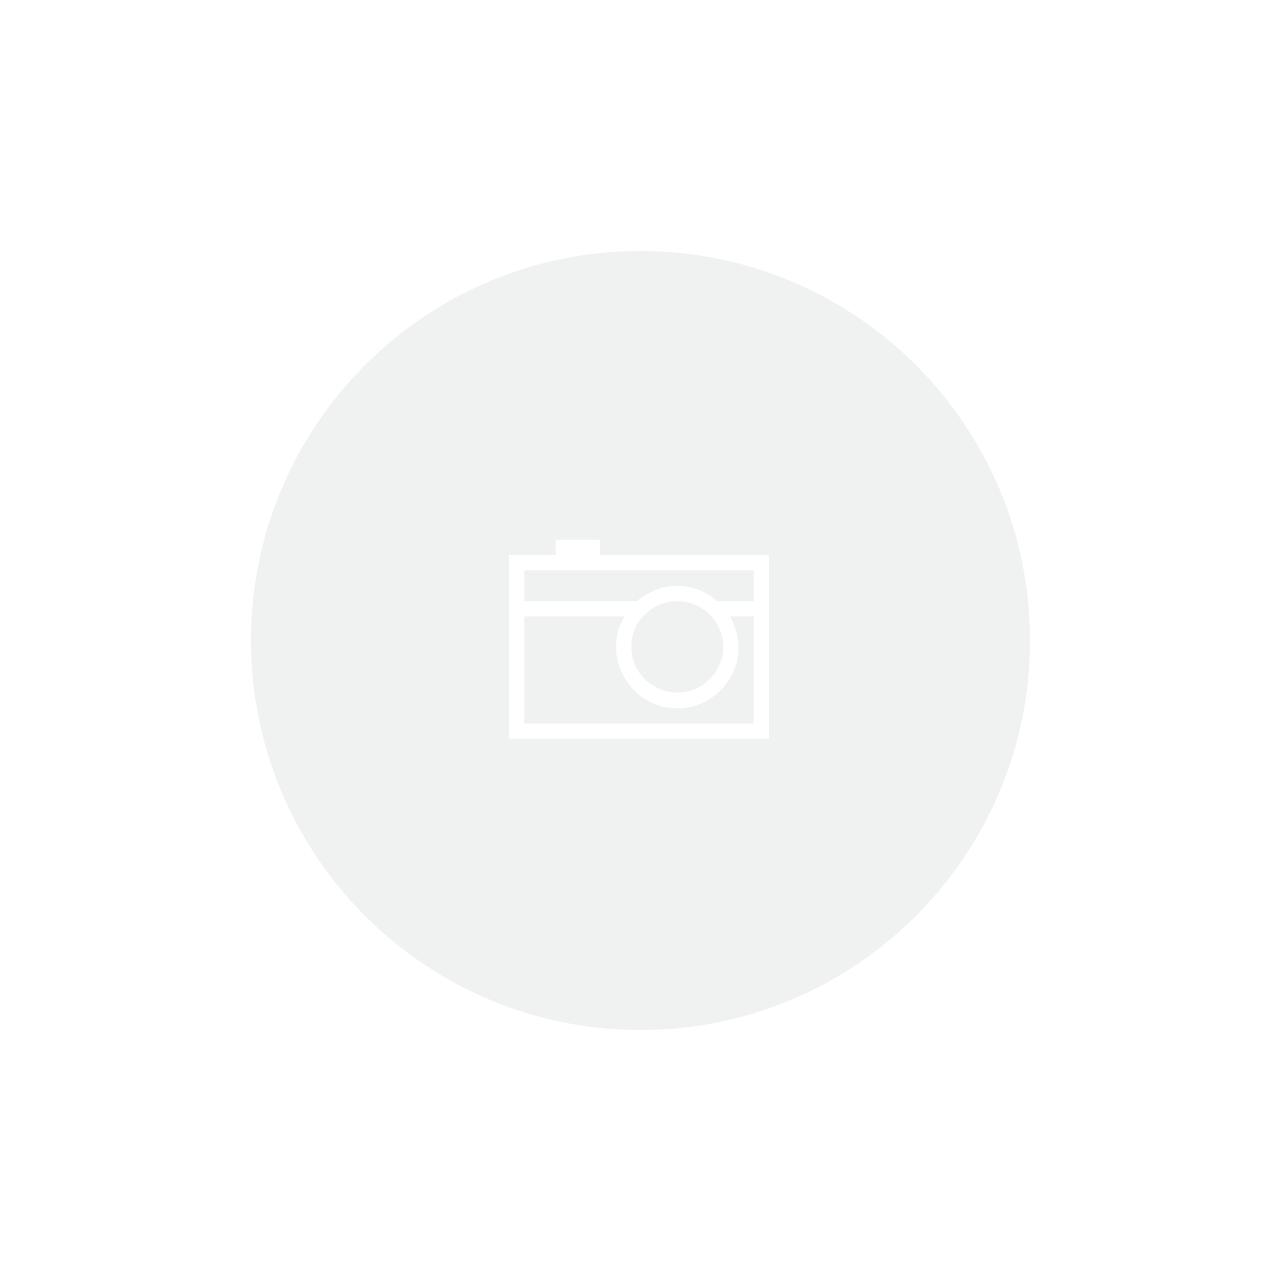 Blusa Tricô Básica Decote Redondo | Bv560